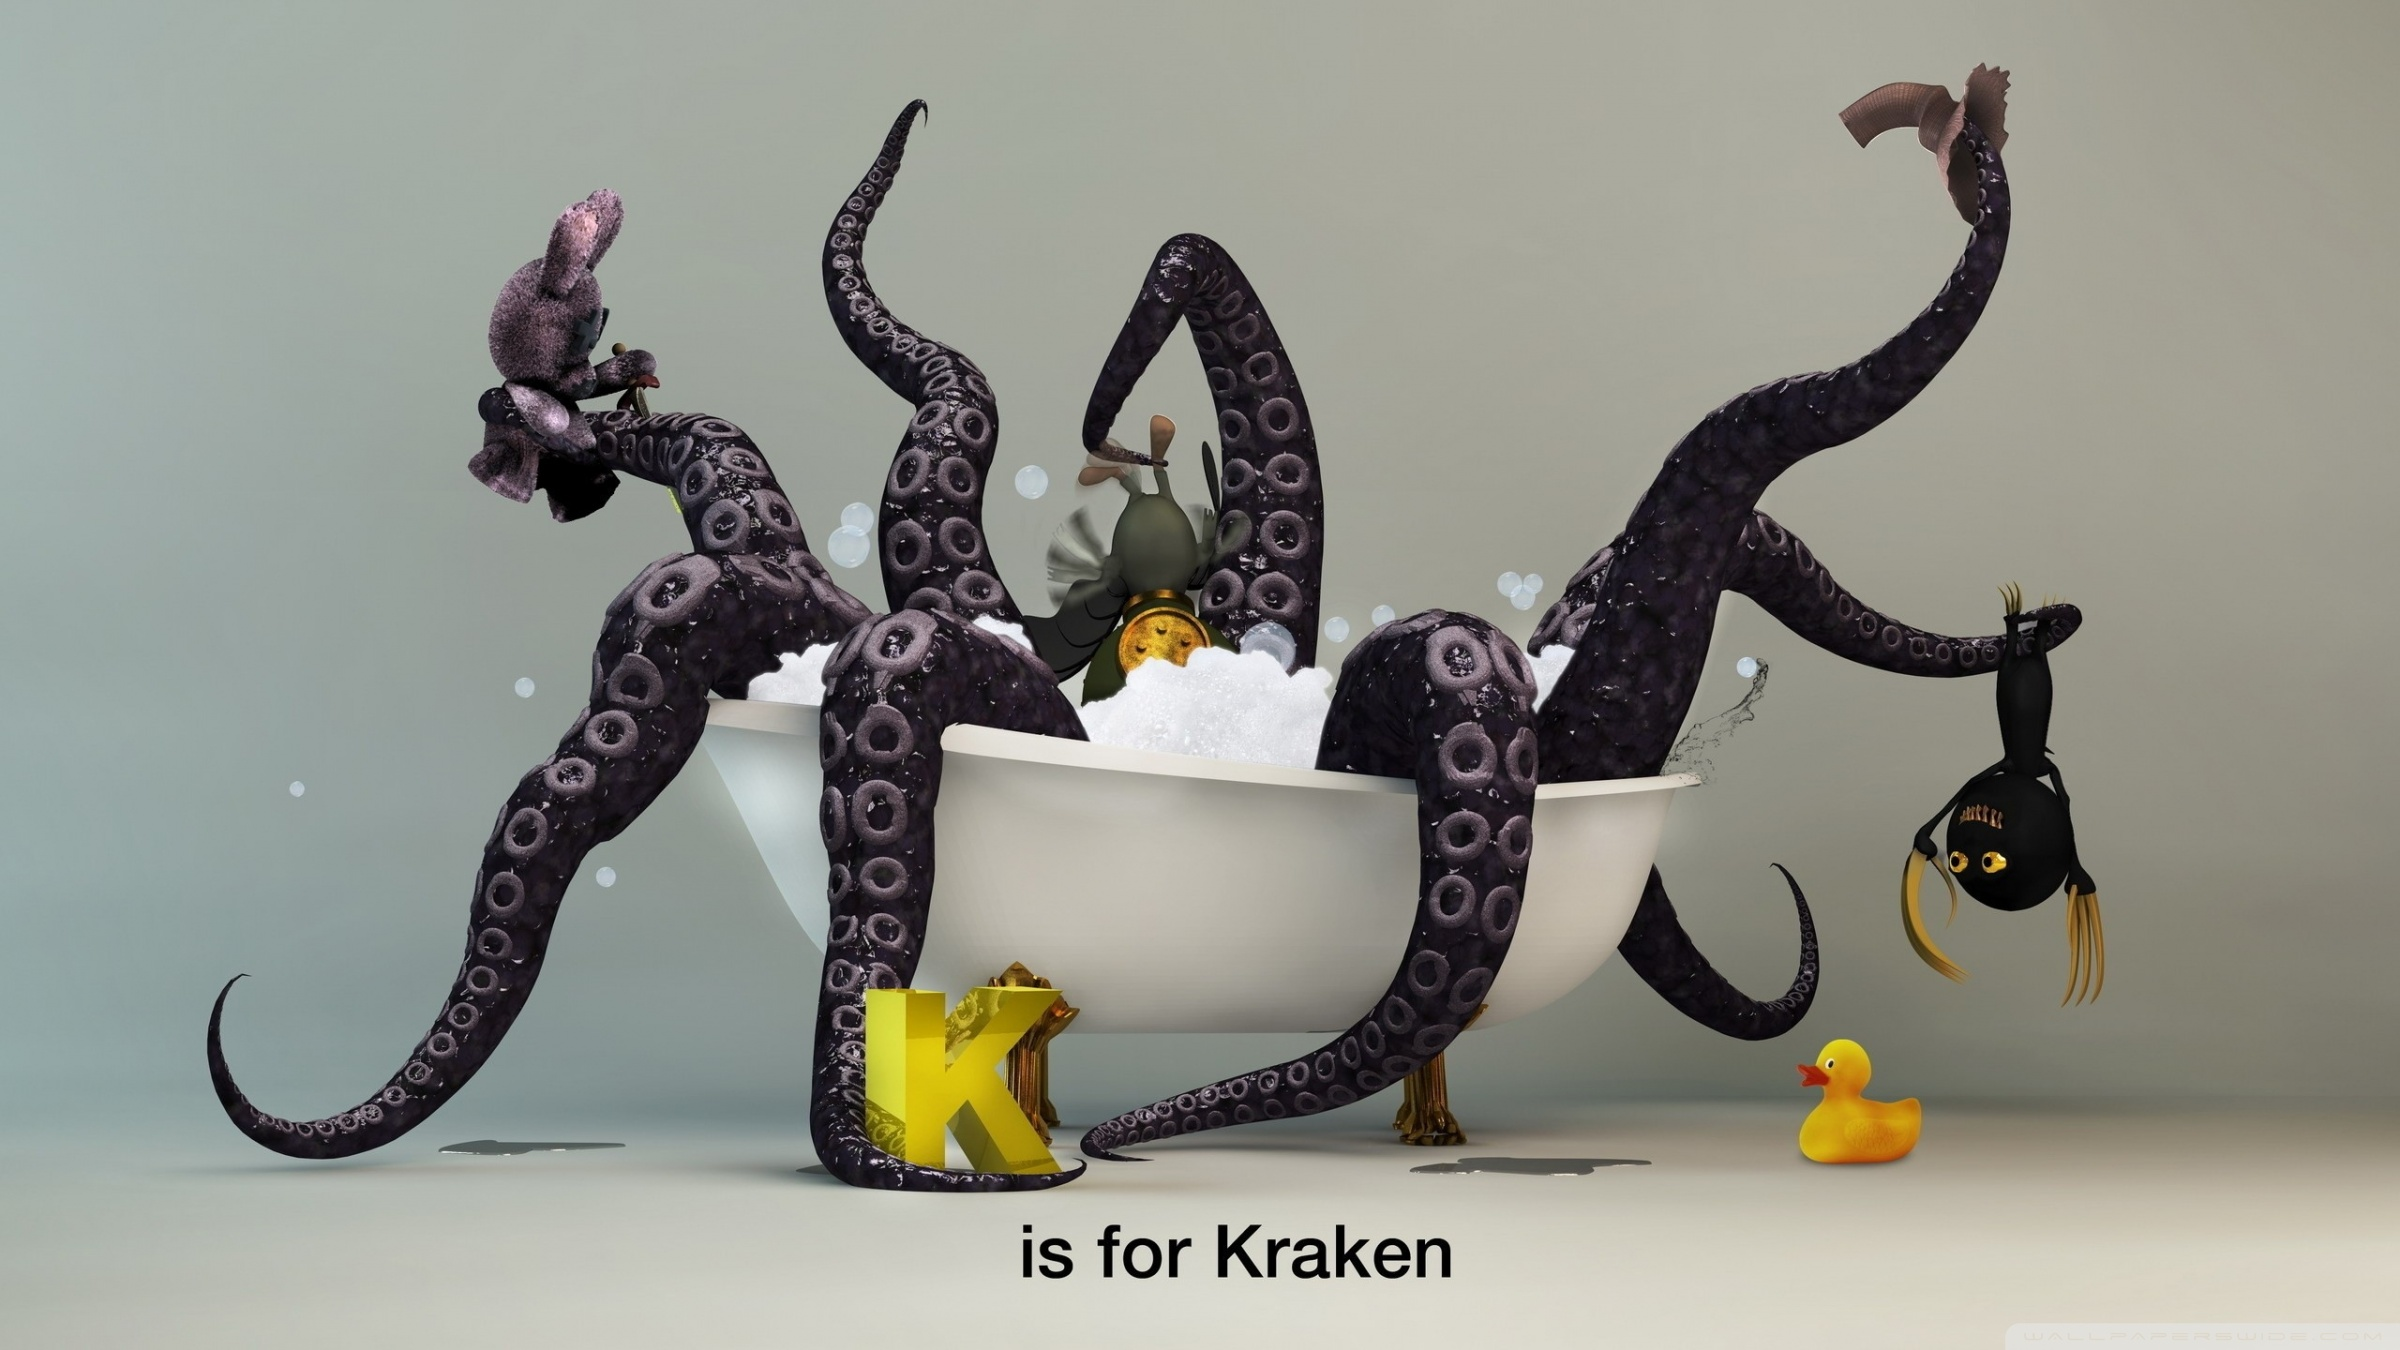 Cute Girl Wallpapers For Tablet Funny Kraken Monster 4k Hd Desktop Wallpaper For 4k Ultra